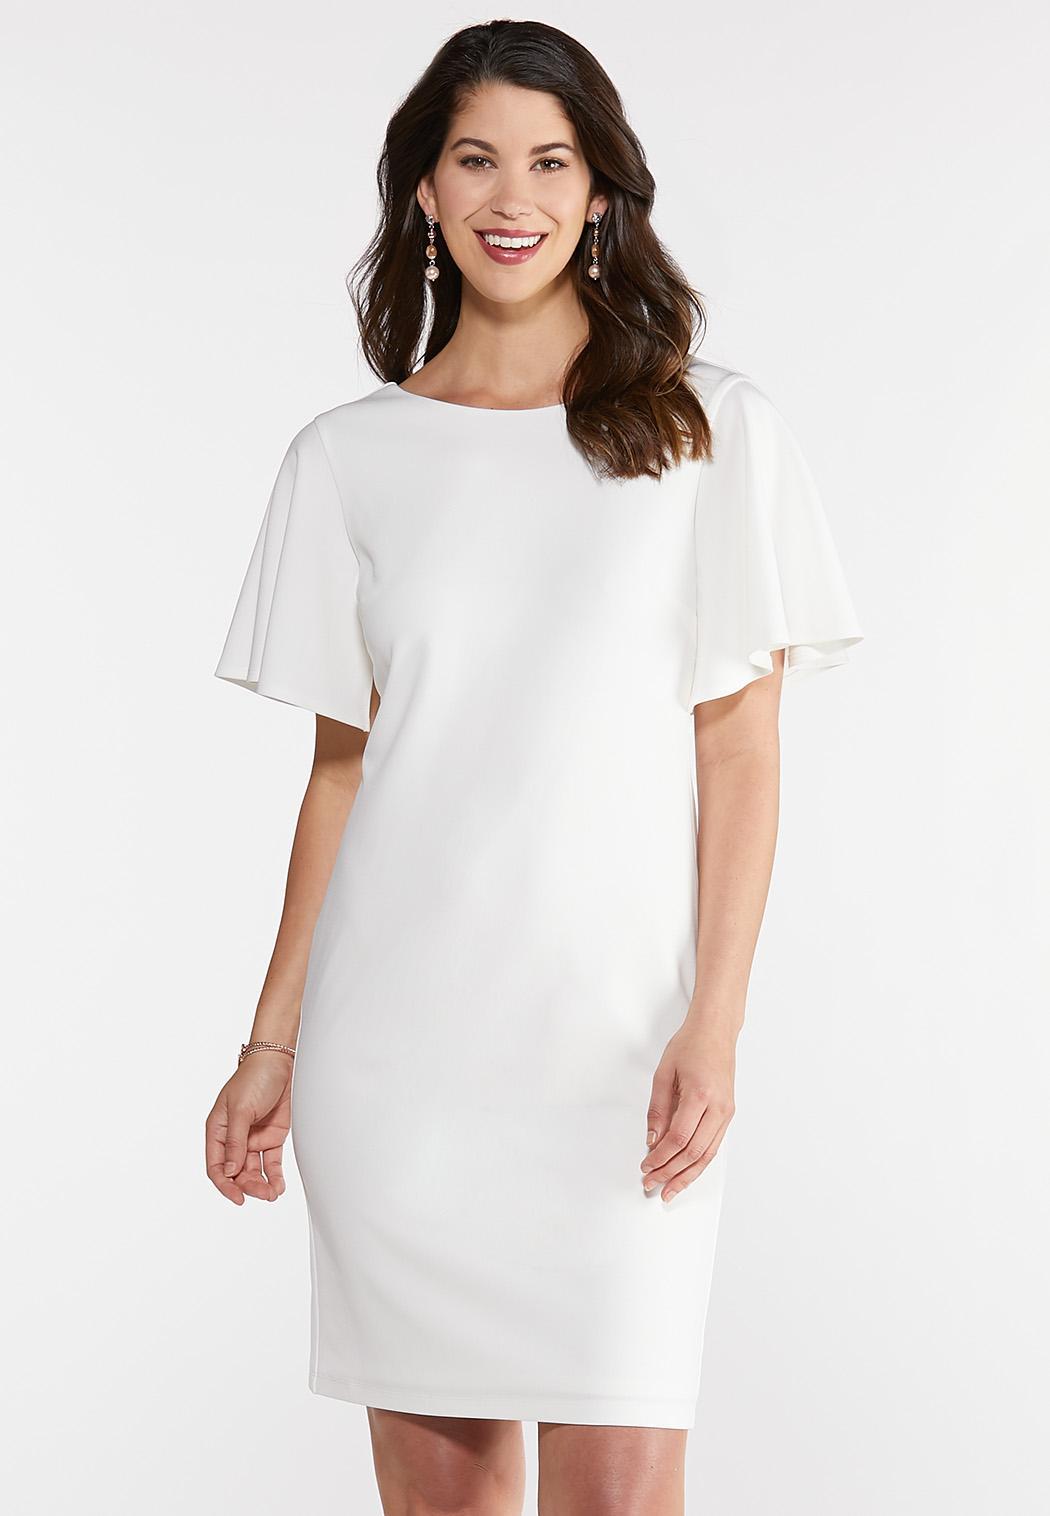 2857046e31 Women s Dresses sizes 2-28 - Spring Dresses